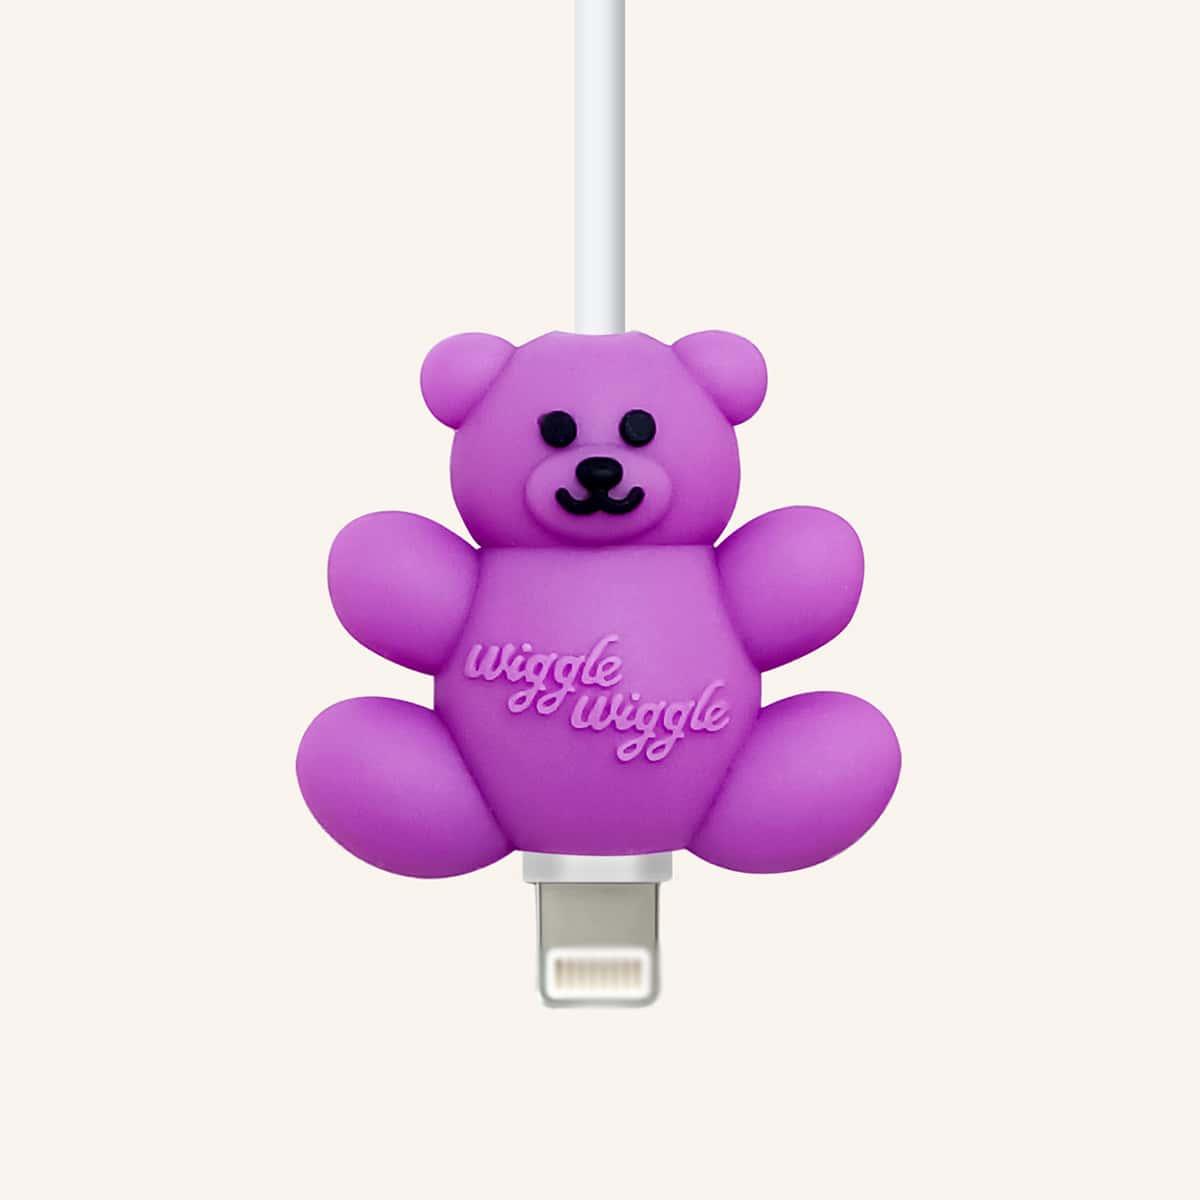 Протектор для кабеля передачи данных в форме медведя